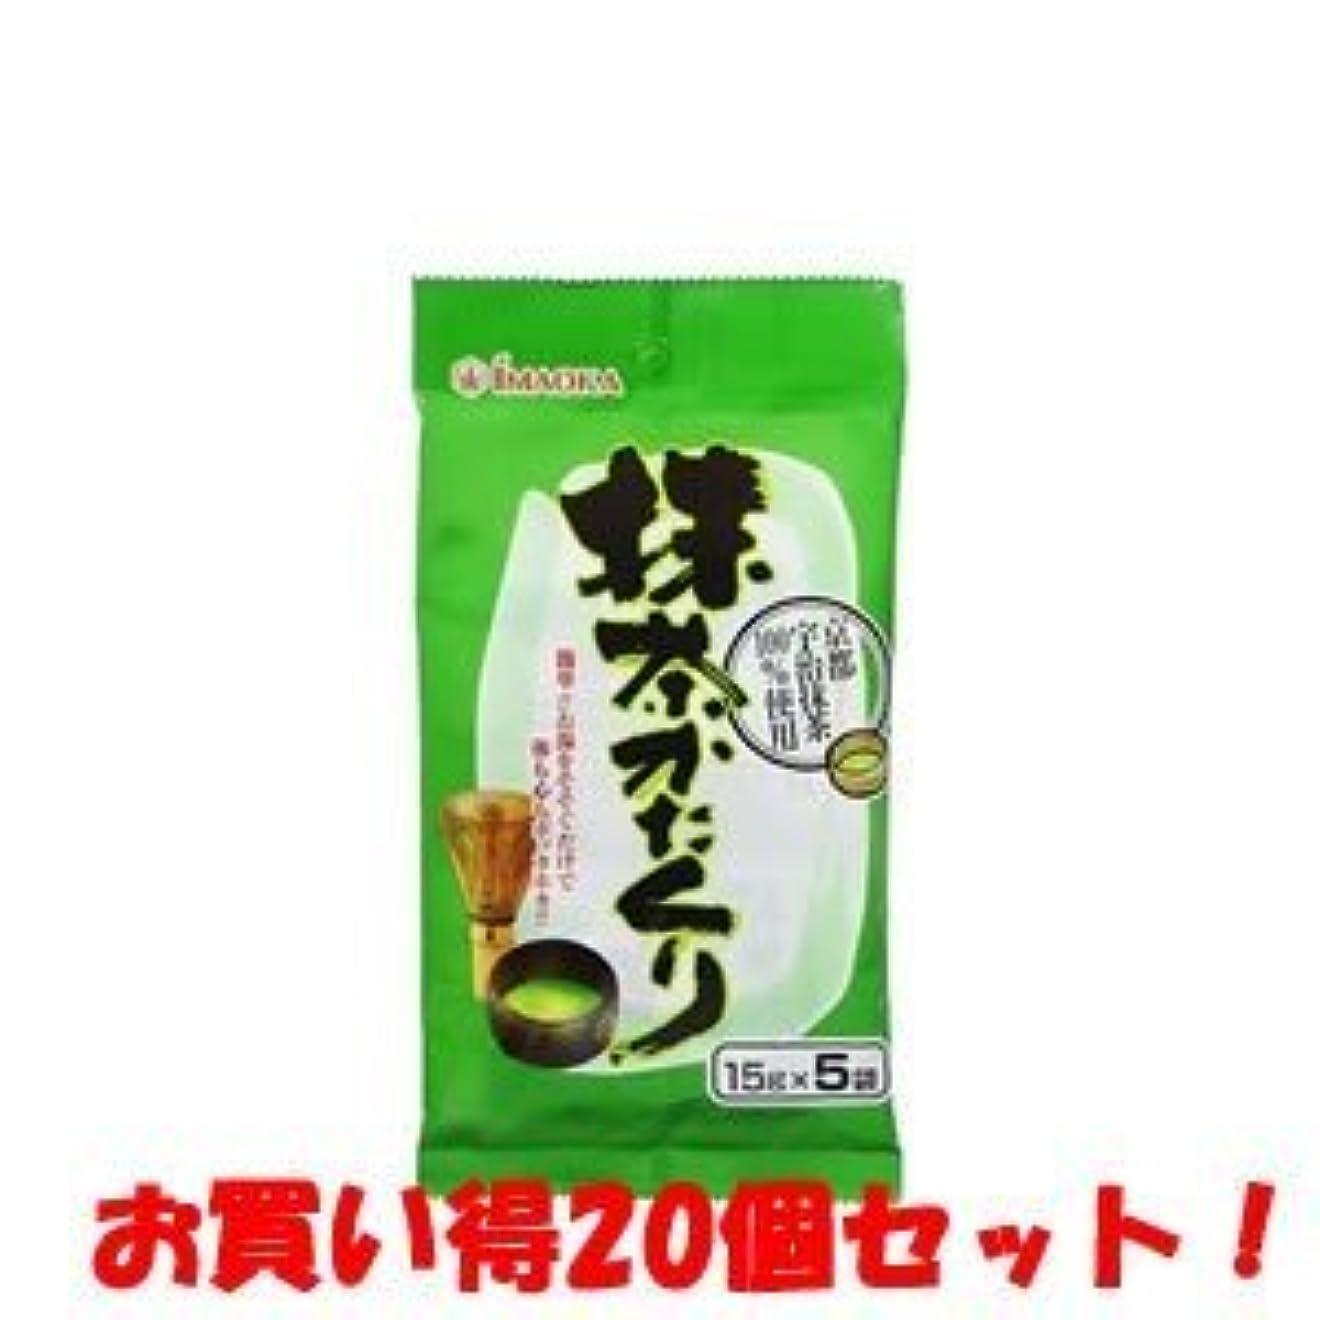 発行する送る前件(今岡製菓)抹茶かたくり 15g×5袋(お買い得20個セット)